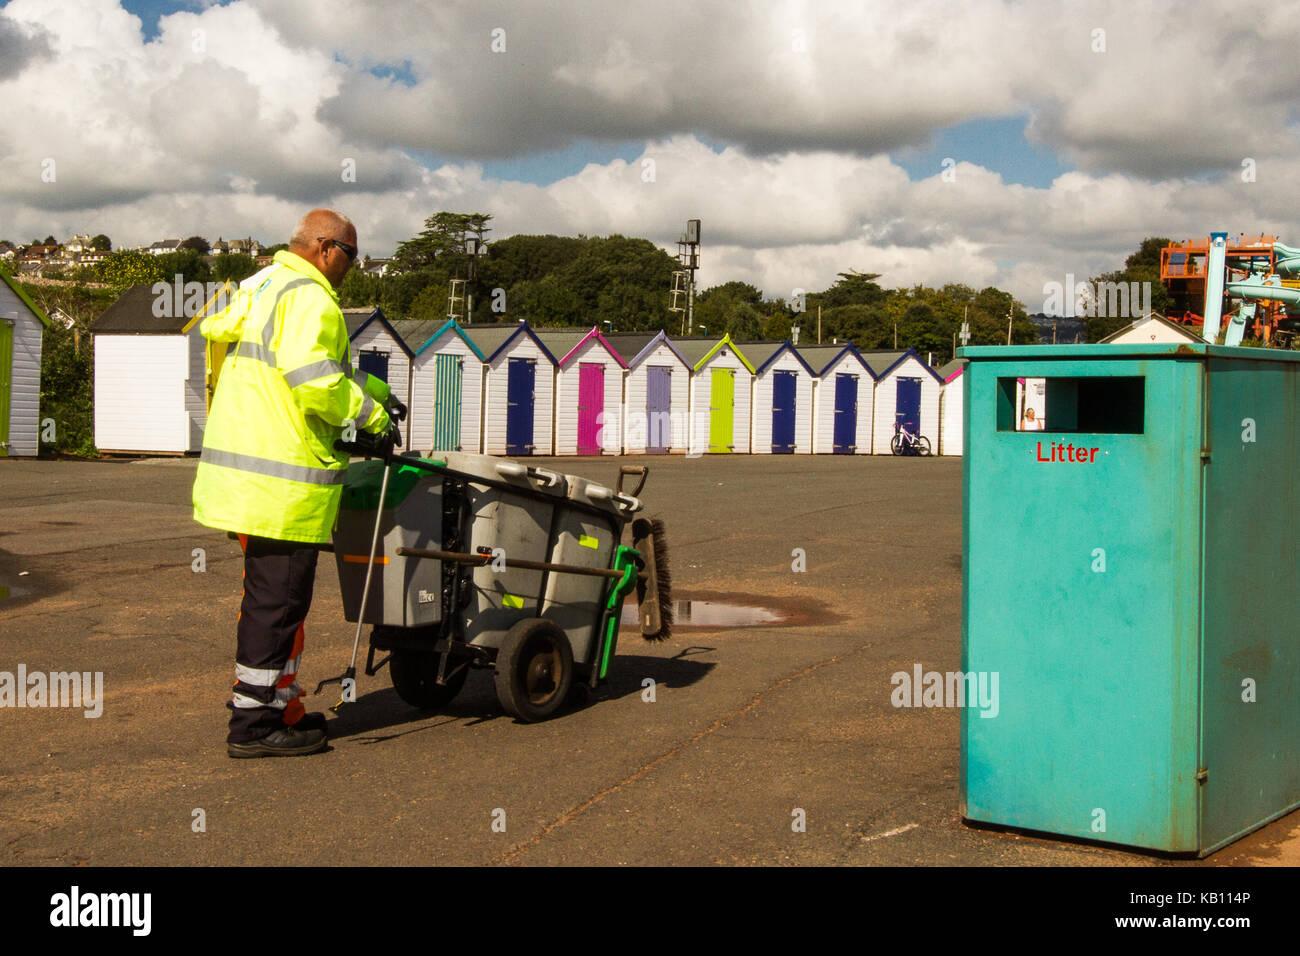 Plage mer poubelle ramassage de déchets, la gestion des déchets Photo Stock